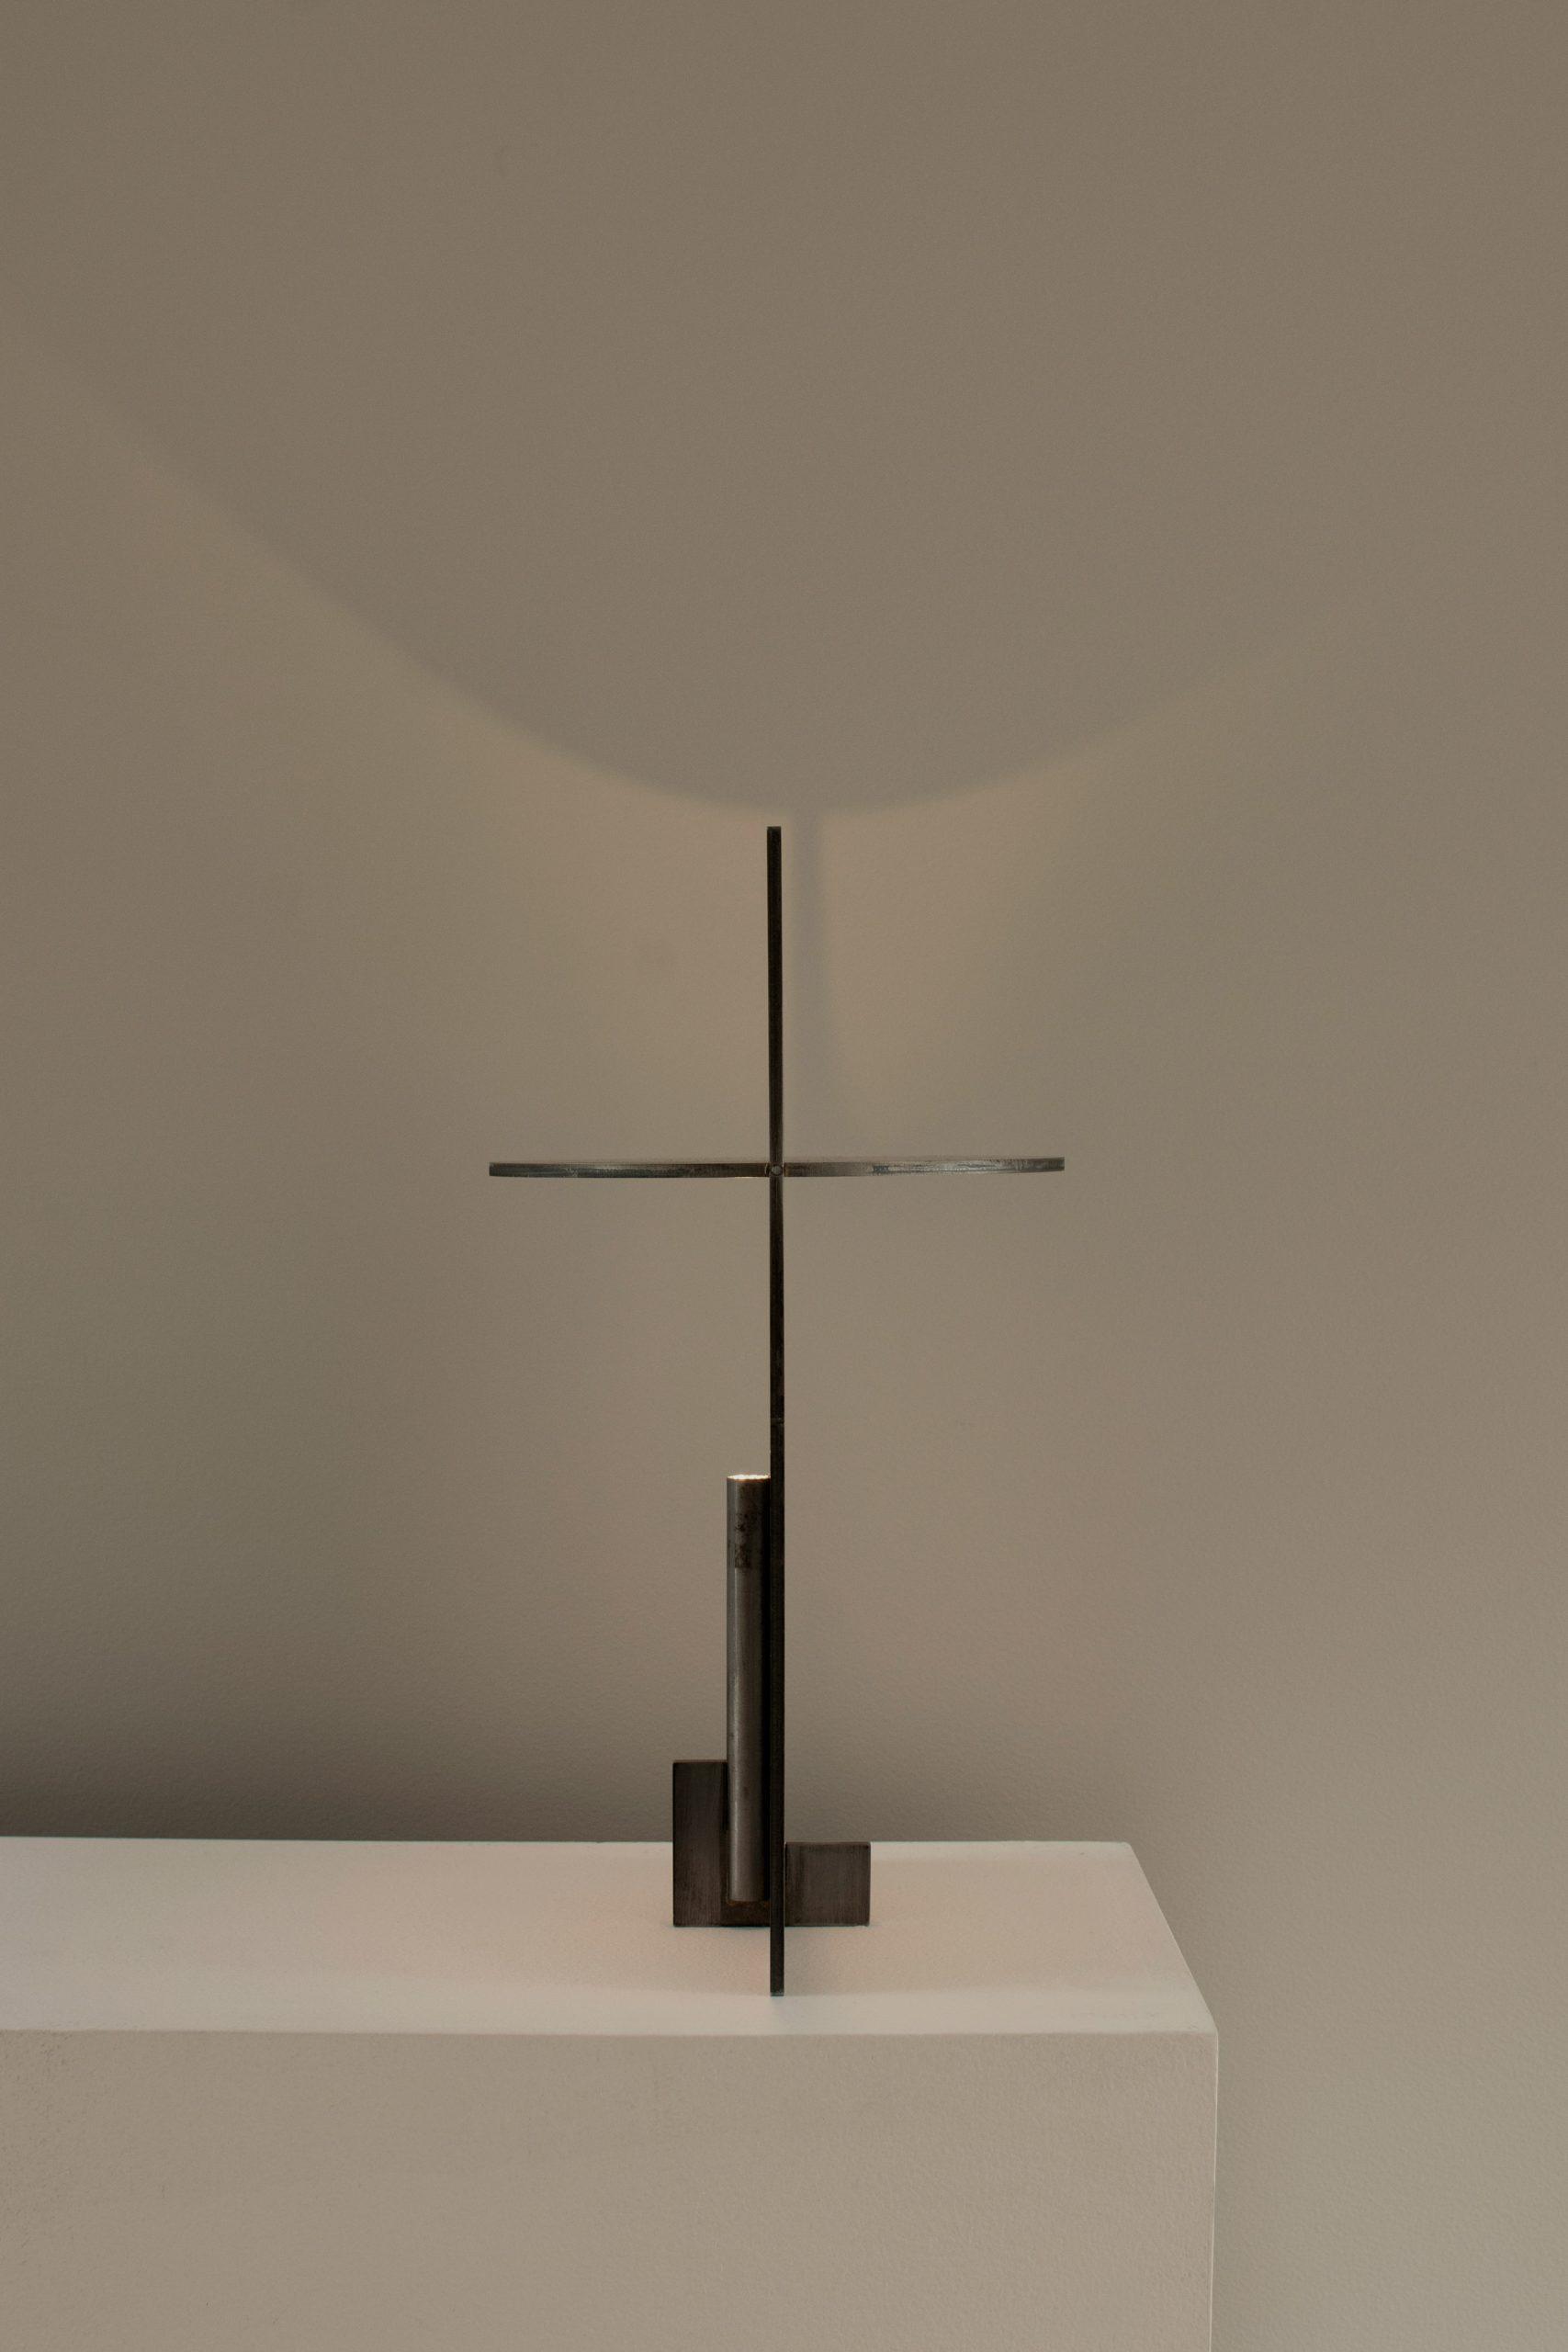 Visão de perfil da OBJ-01 que é feita de aço, aço inoxidável ou latão e montada manualmente com um martelo de borracha